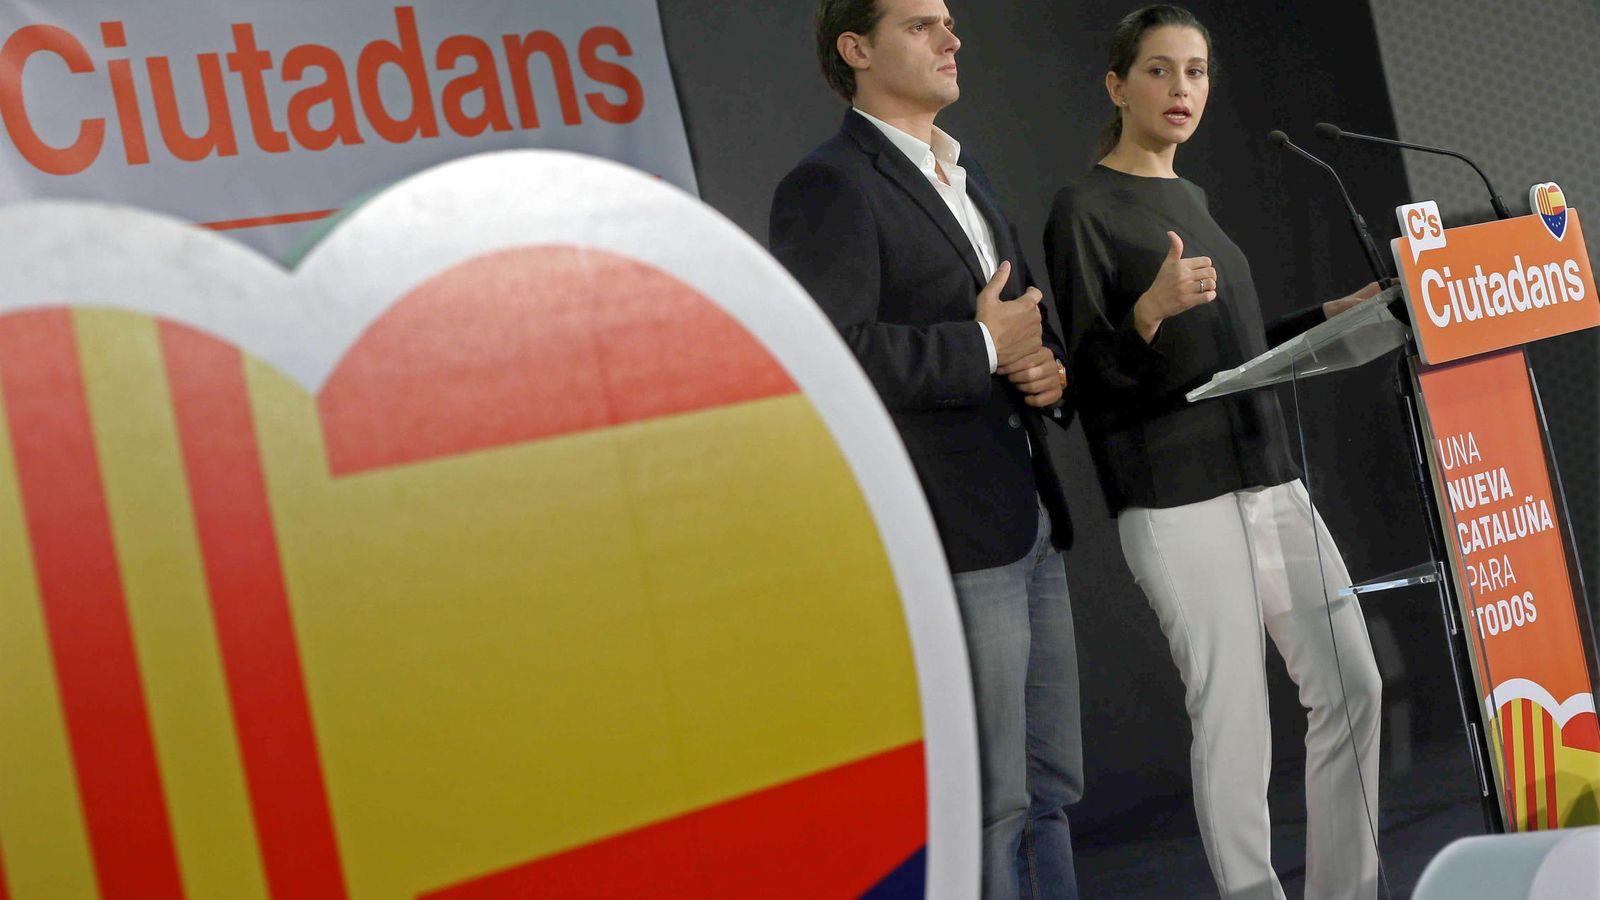 Foto: La candidata de Ciudadanos a la presidencia de la Generalitat, Inés Arrimadas, y el presidente del partido, Albert Rivera, durante la rueda de prensa del 28-S. (EFE)